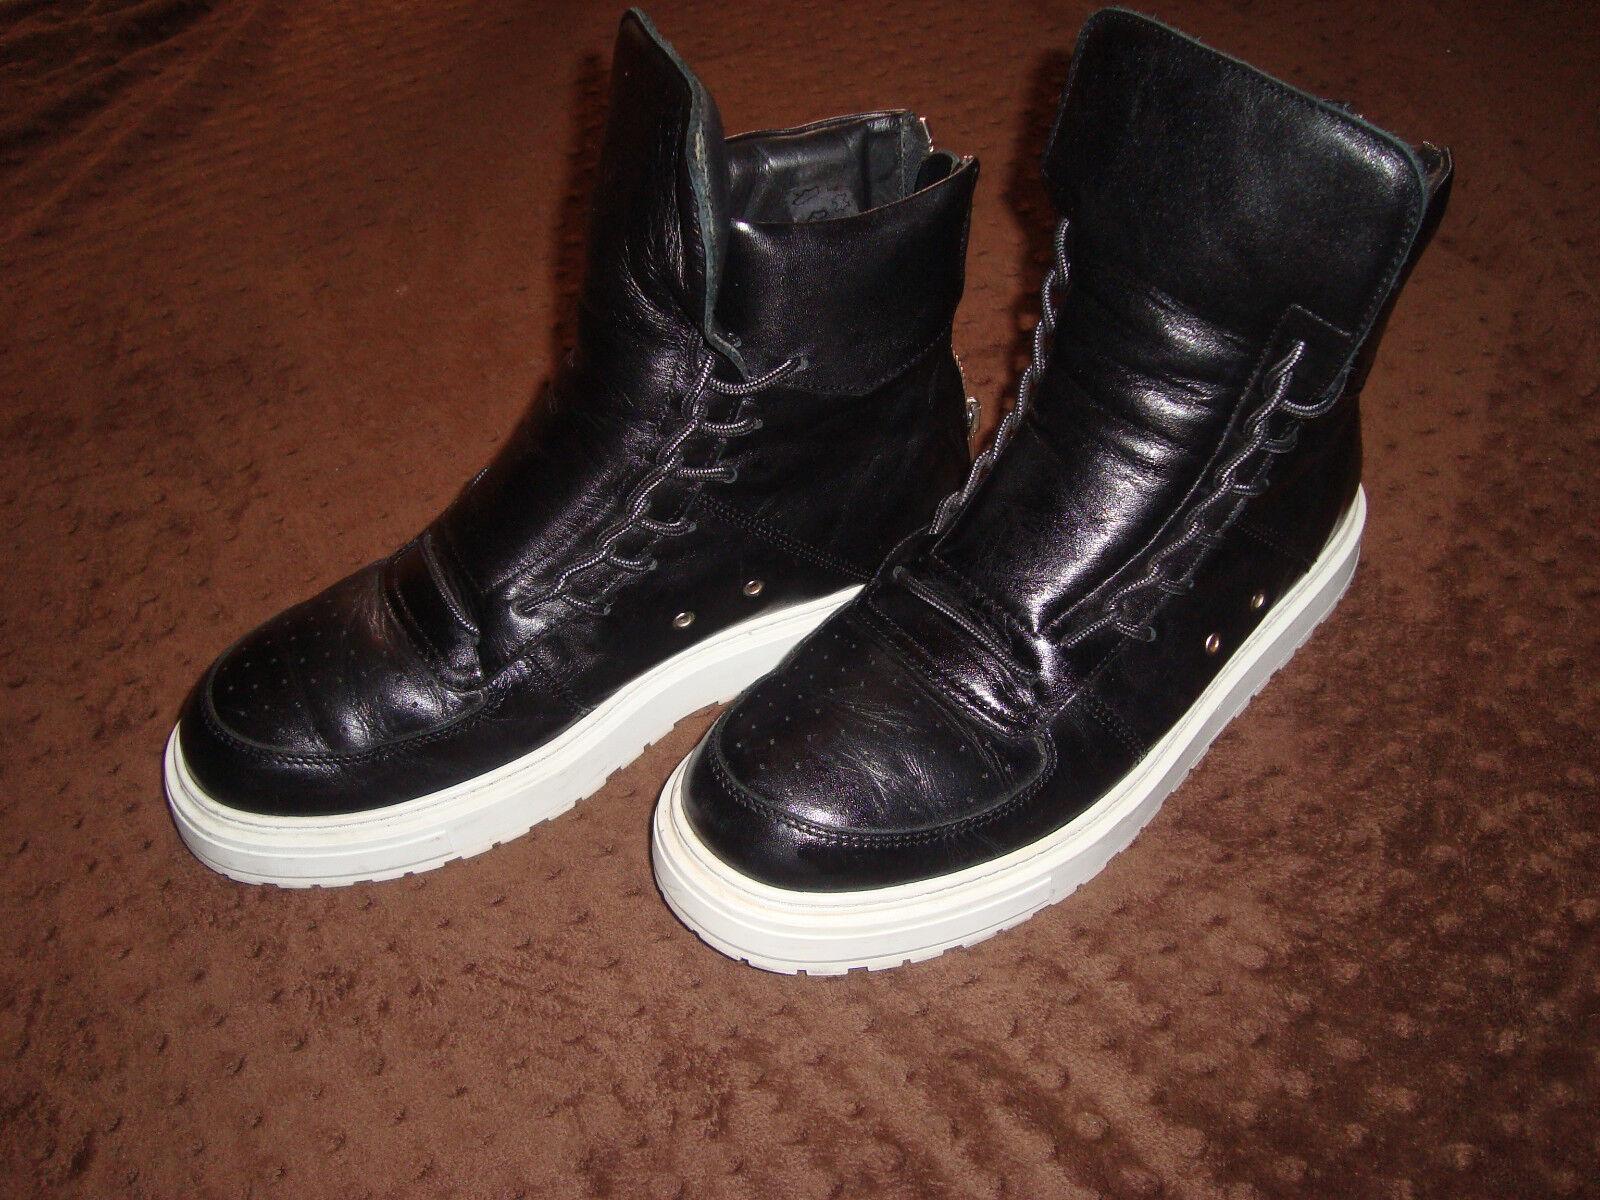 Kris Van Assche Black Leather High-Top Sneakers US Size 8